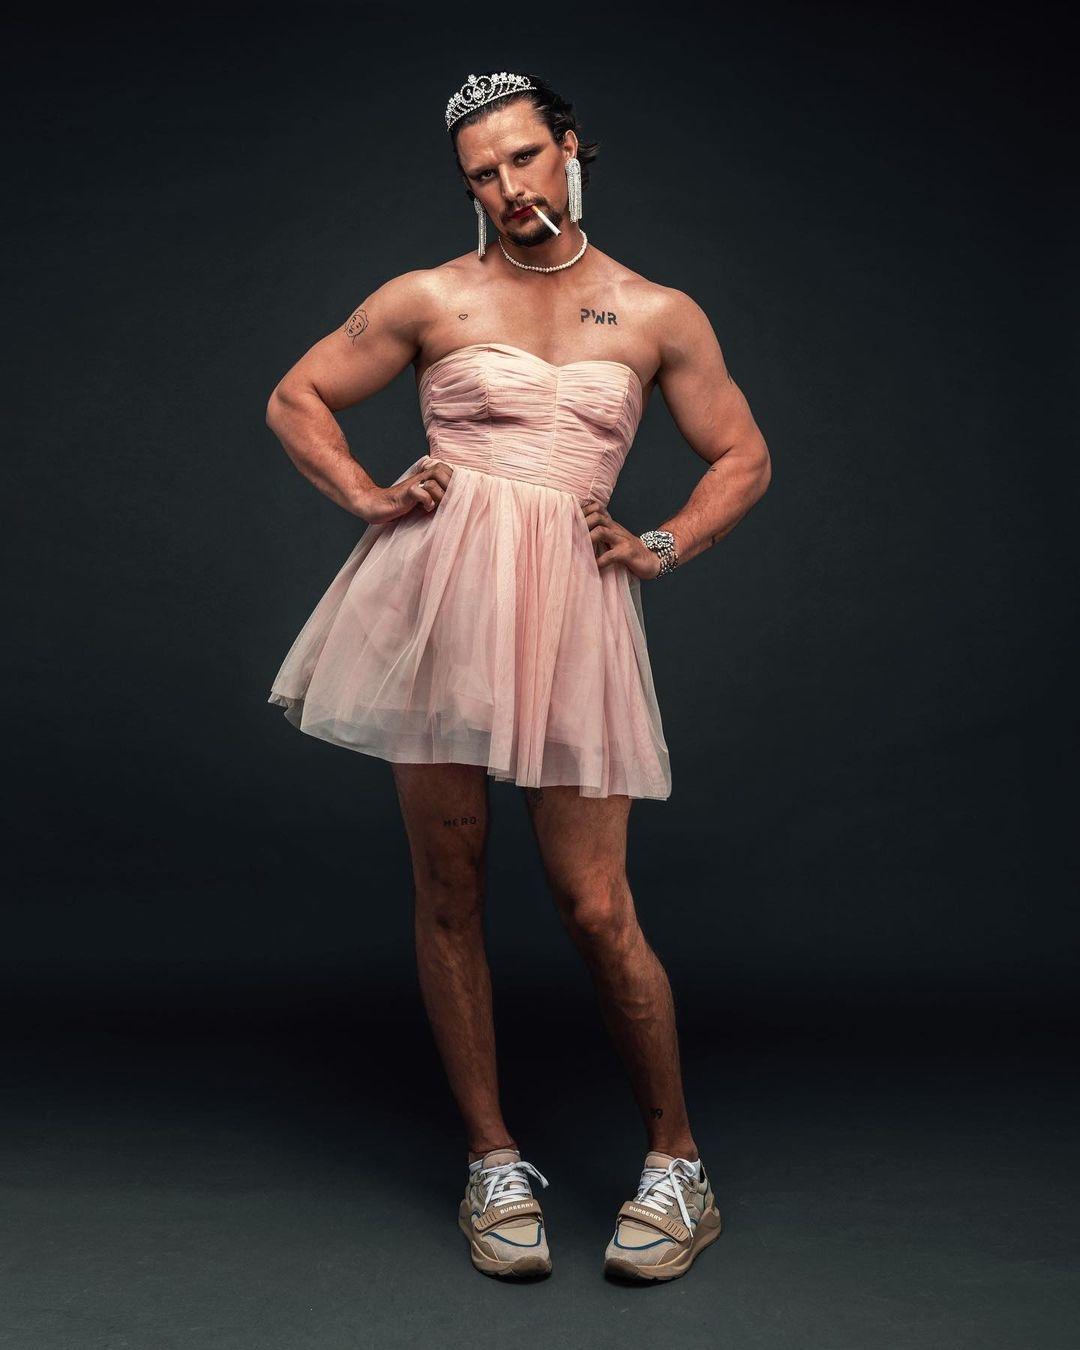 В розовом платье и макияже: Тарас Цымбалюк удивил эпатажной фотосессией (ФОТО) - фото №3